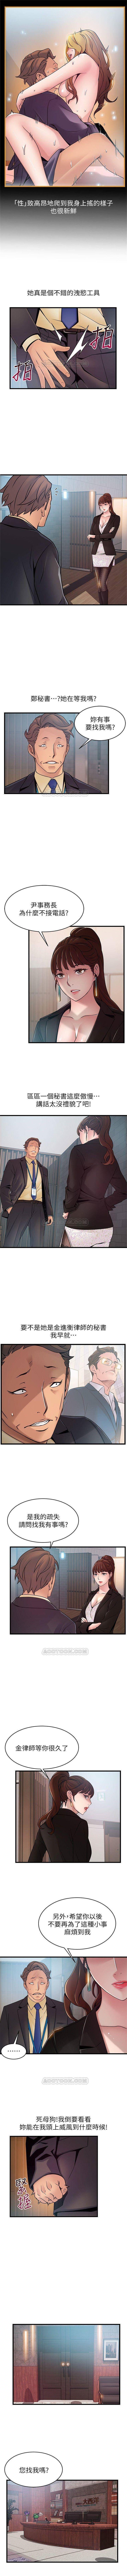 (週7)弱點 1-76 中文翻譯(更新中) 366